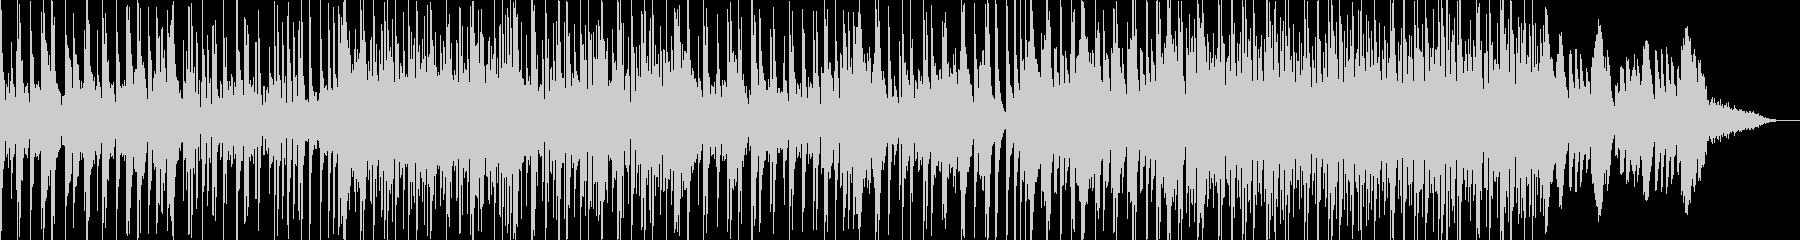 カワイイ系_エレクトリックポップ01の未再生の波形